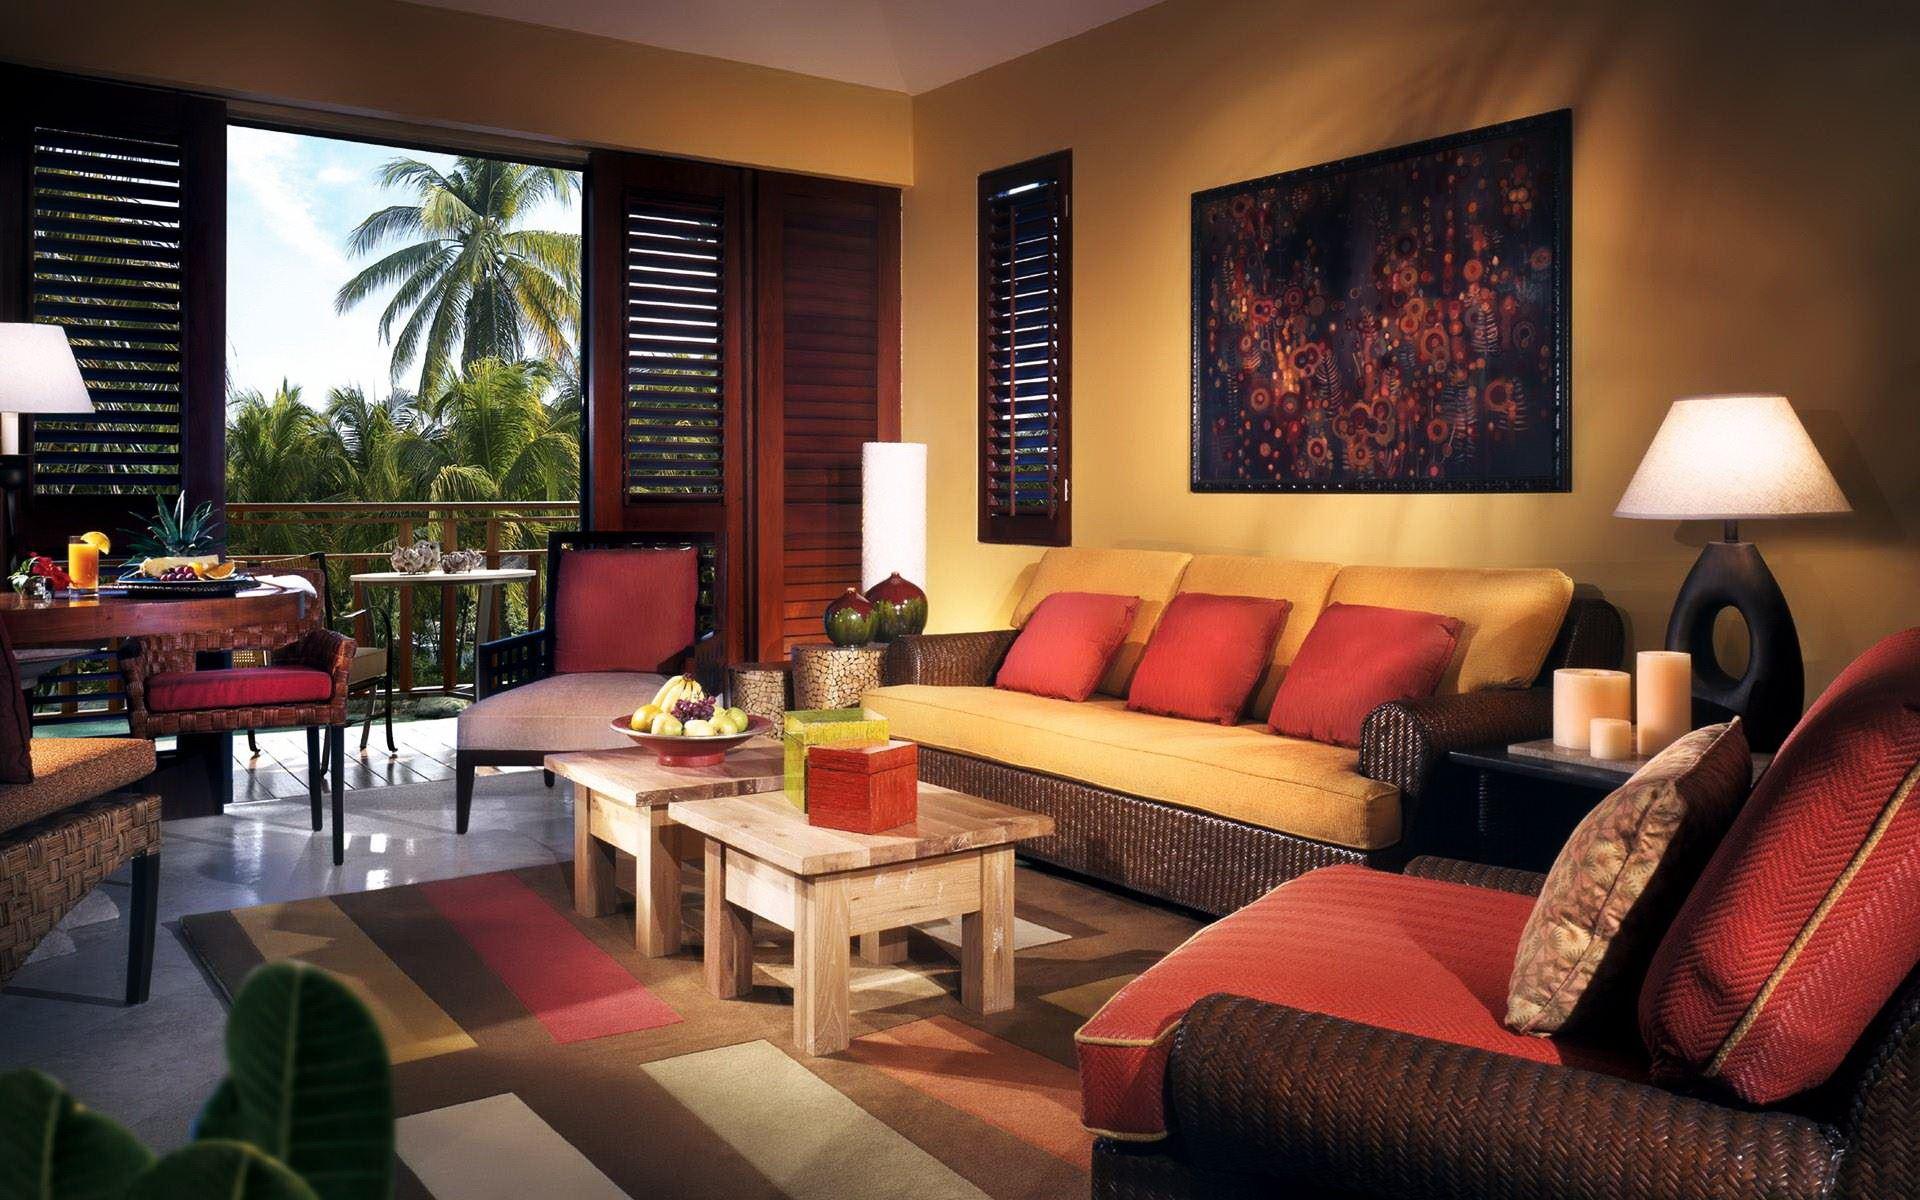 Как выбрать диван в гостиную, Главные правила и критерии качества